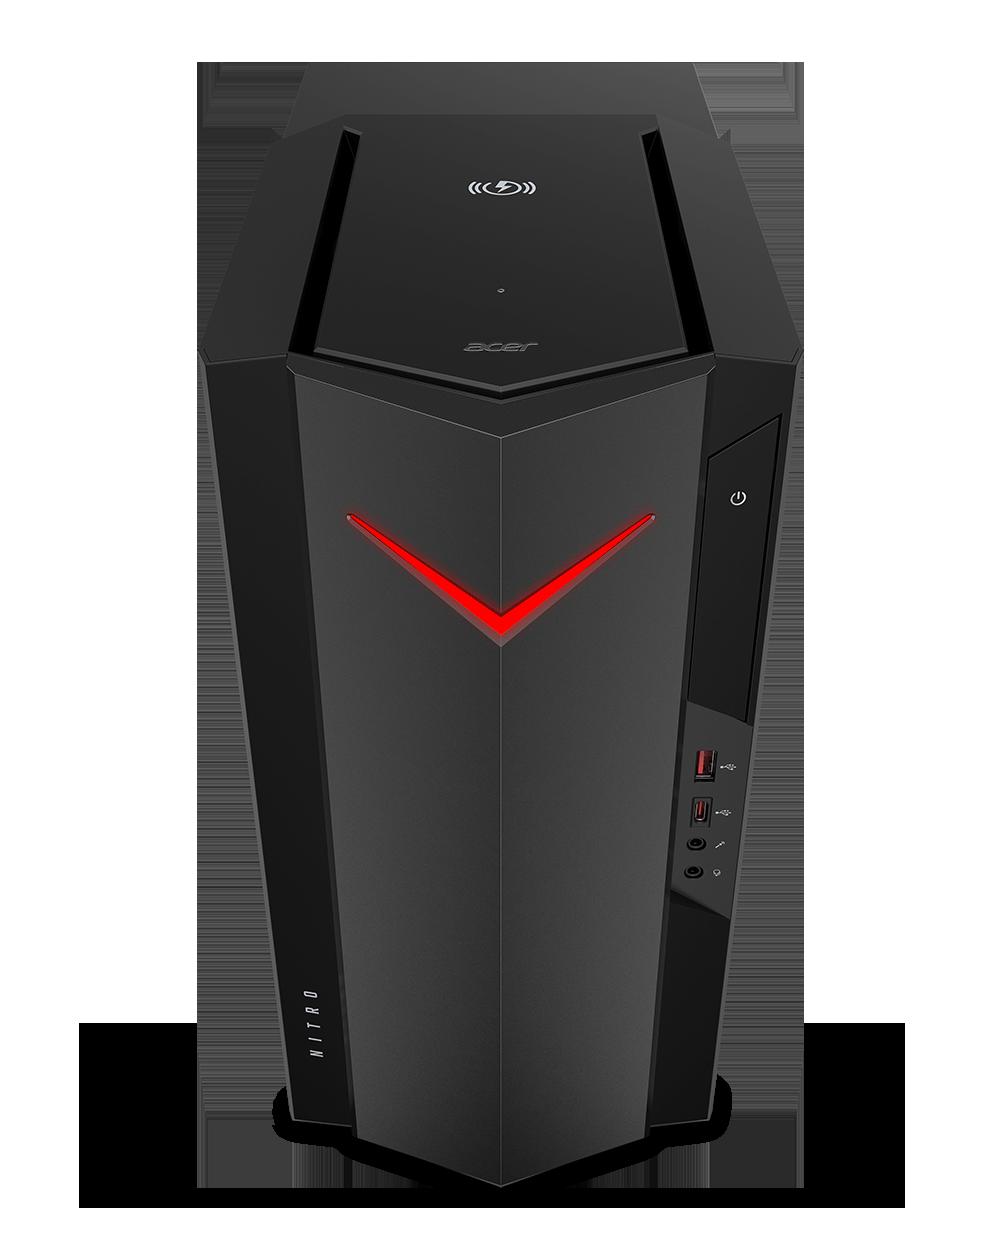 Acer-Nitro-50-N50-610-Standard_02